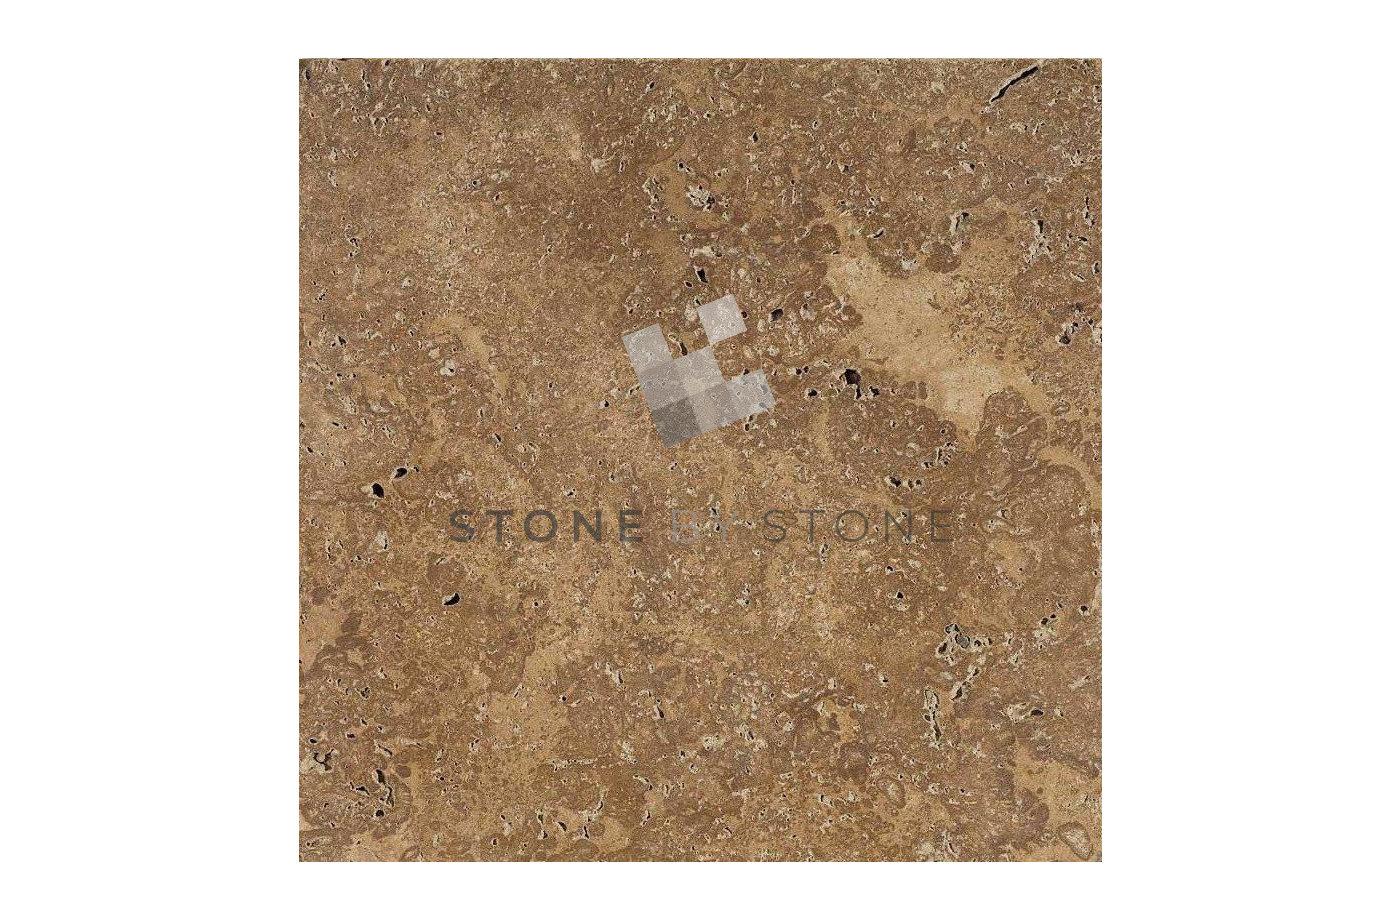 Dalles en Travertin : 20X40/1.2cm - Noce (Noisette) Vieilli 1er Choix